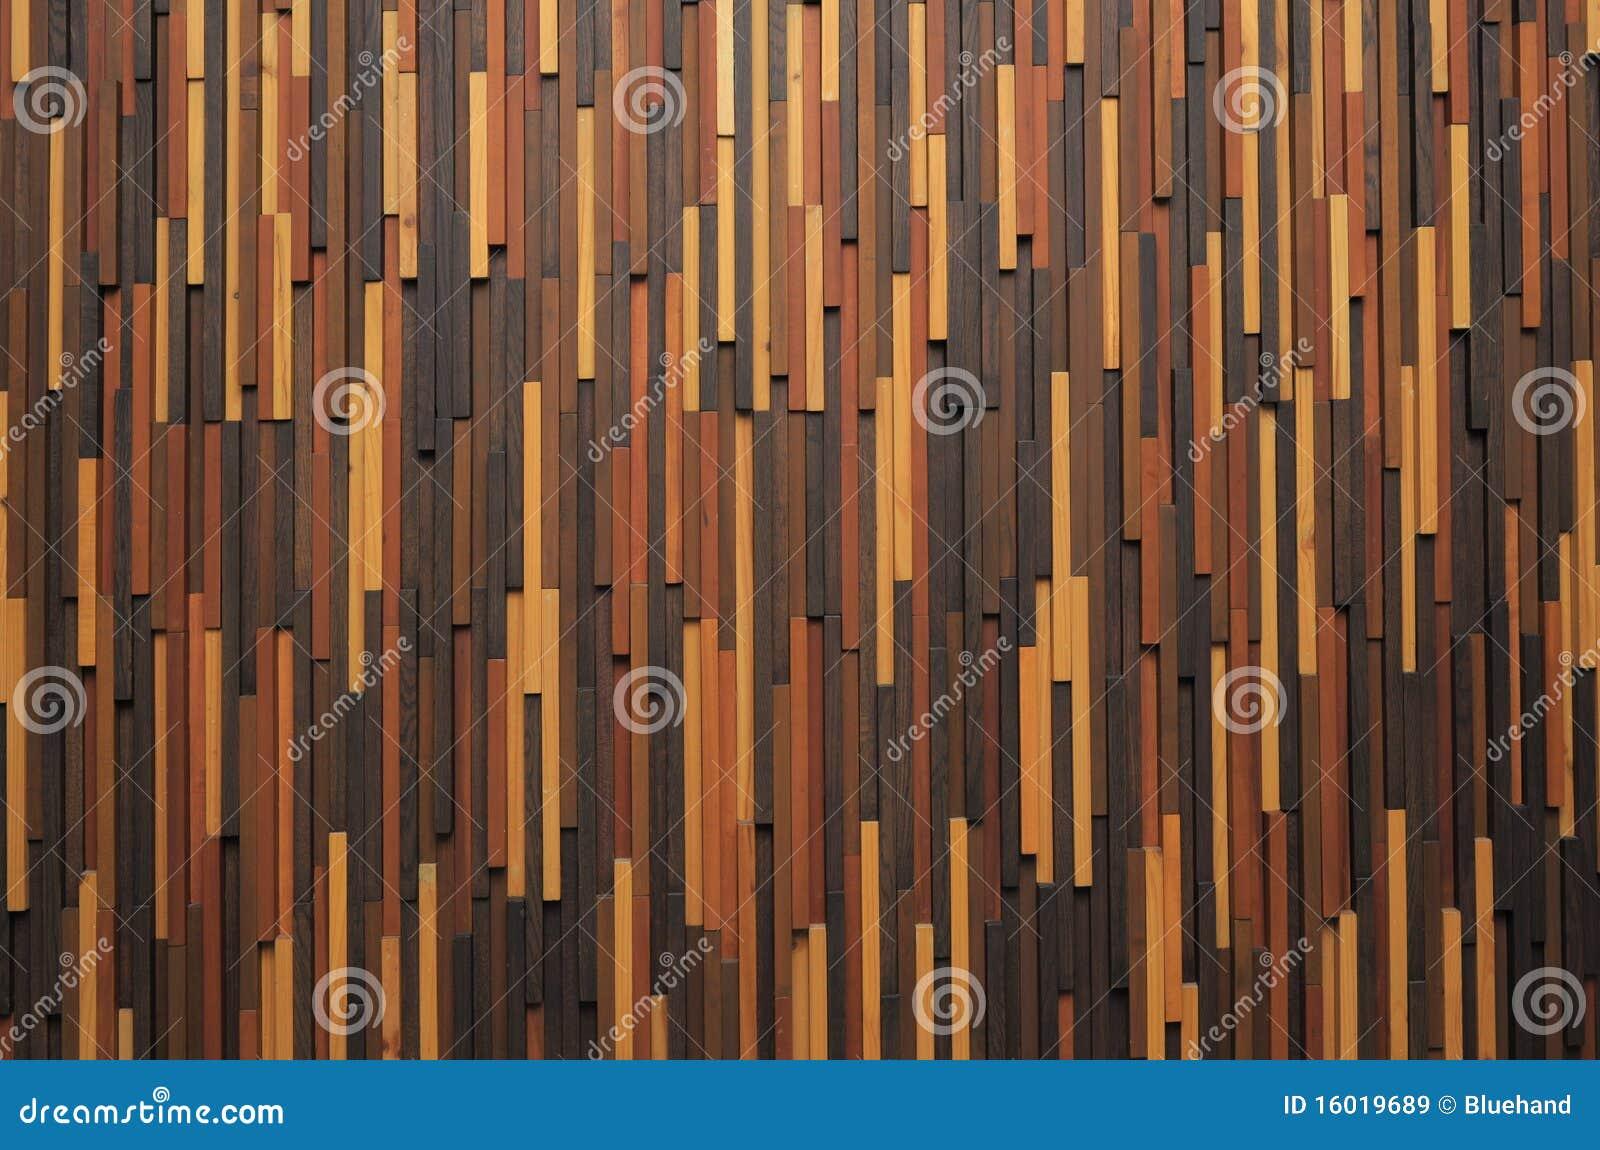 Modern wood texture wall